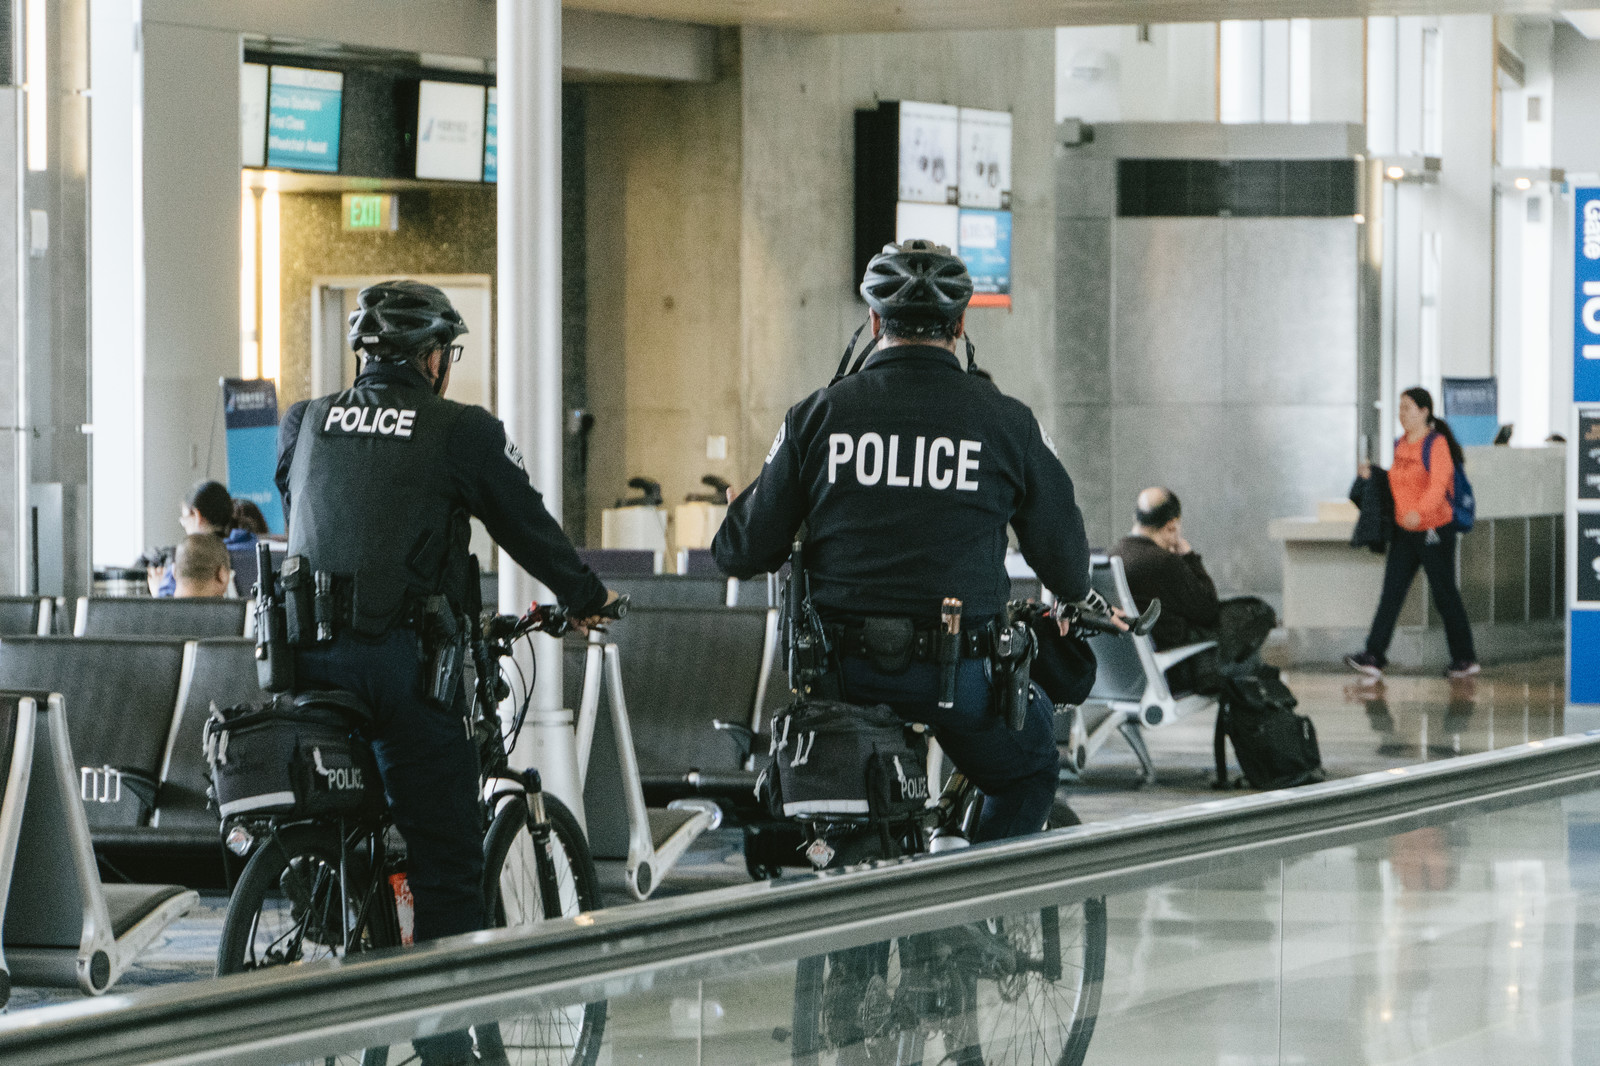 「どうすれば・・・」脅迫されているんだけど警察が動かない場合には